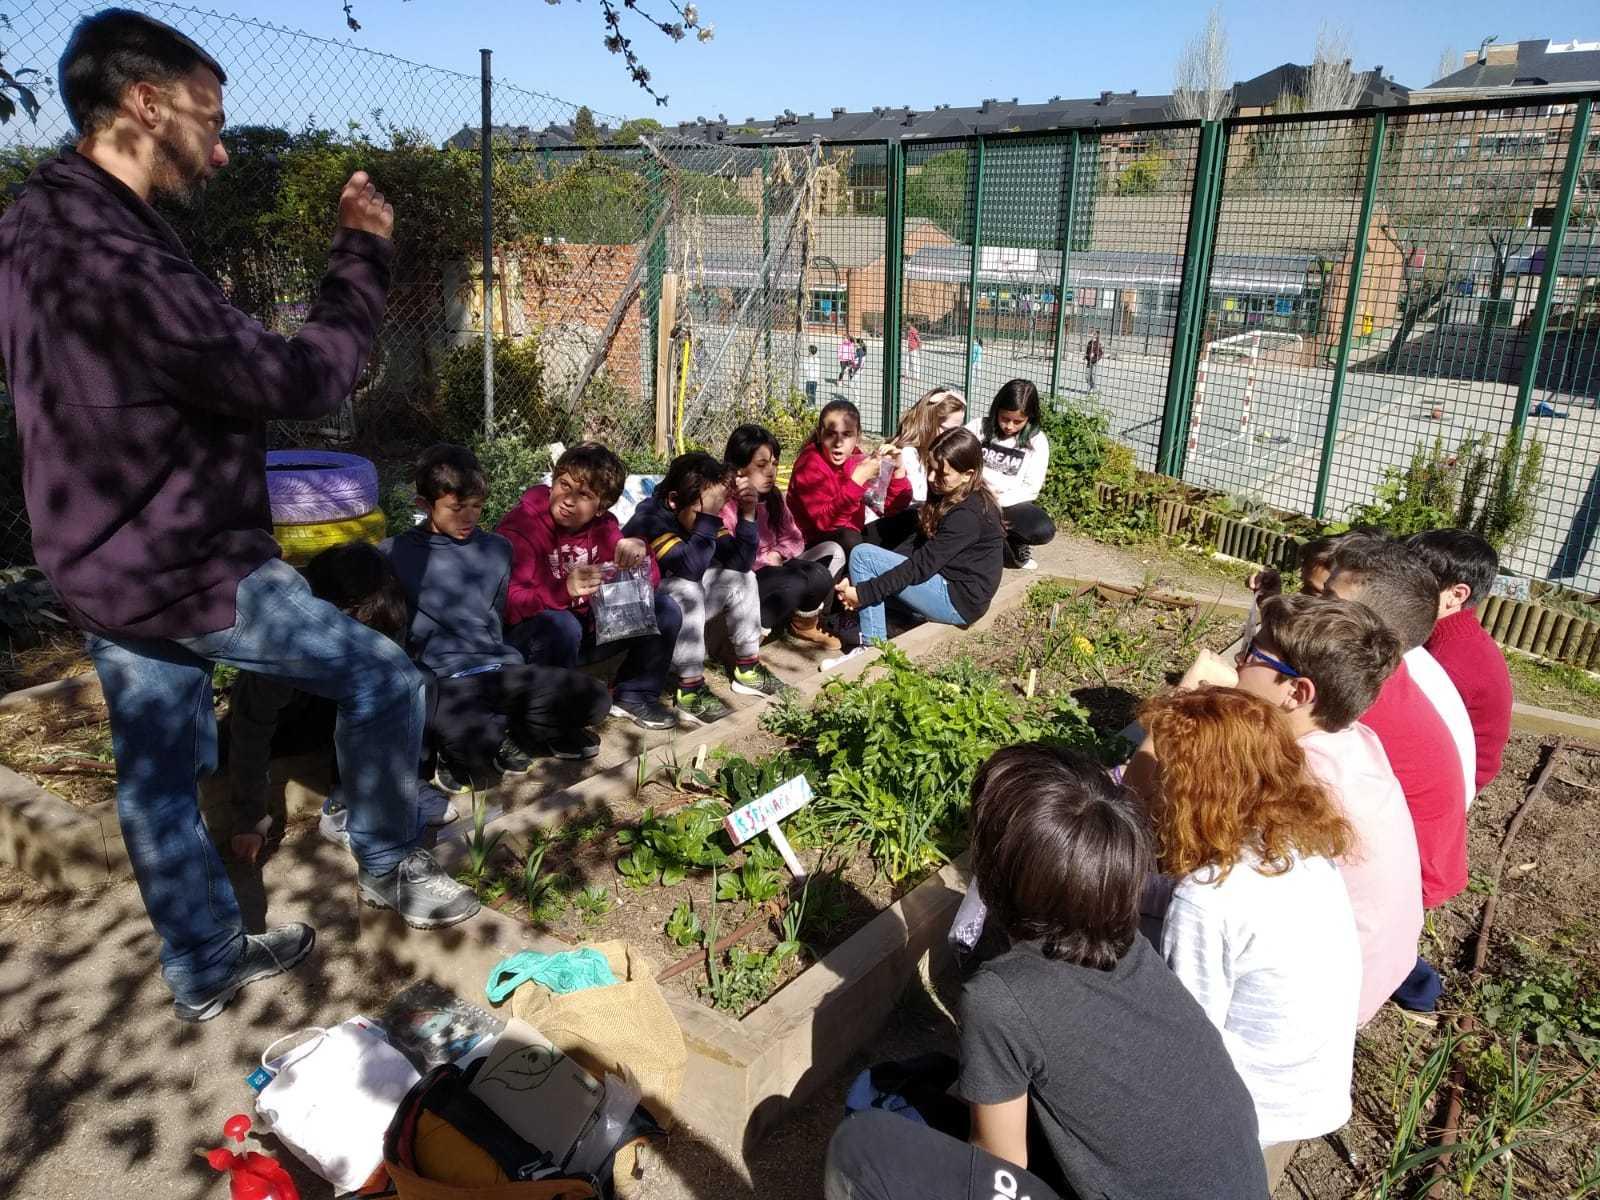 2019_02_24_Quinto termina febrero con las actividades de huerto_CEIP FDLR_Las Rozas_2019 2